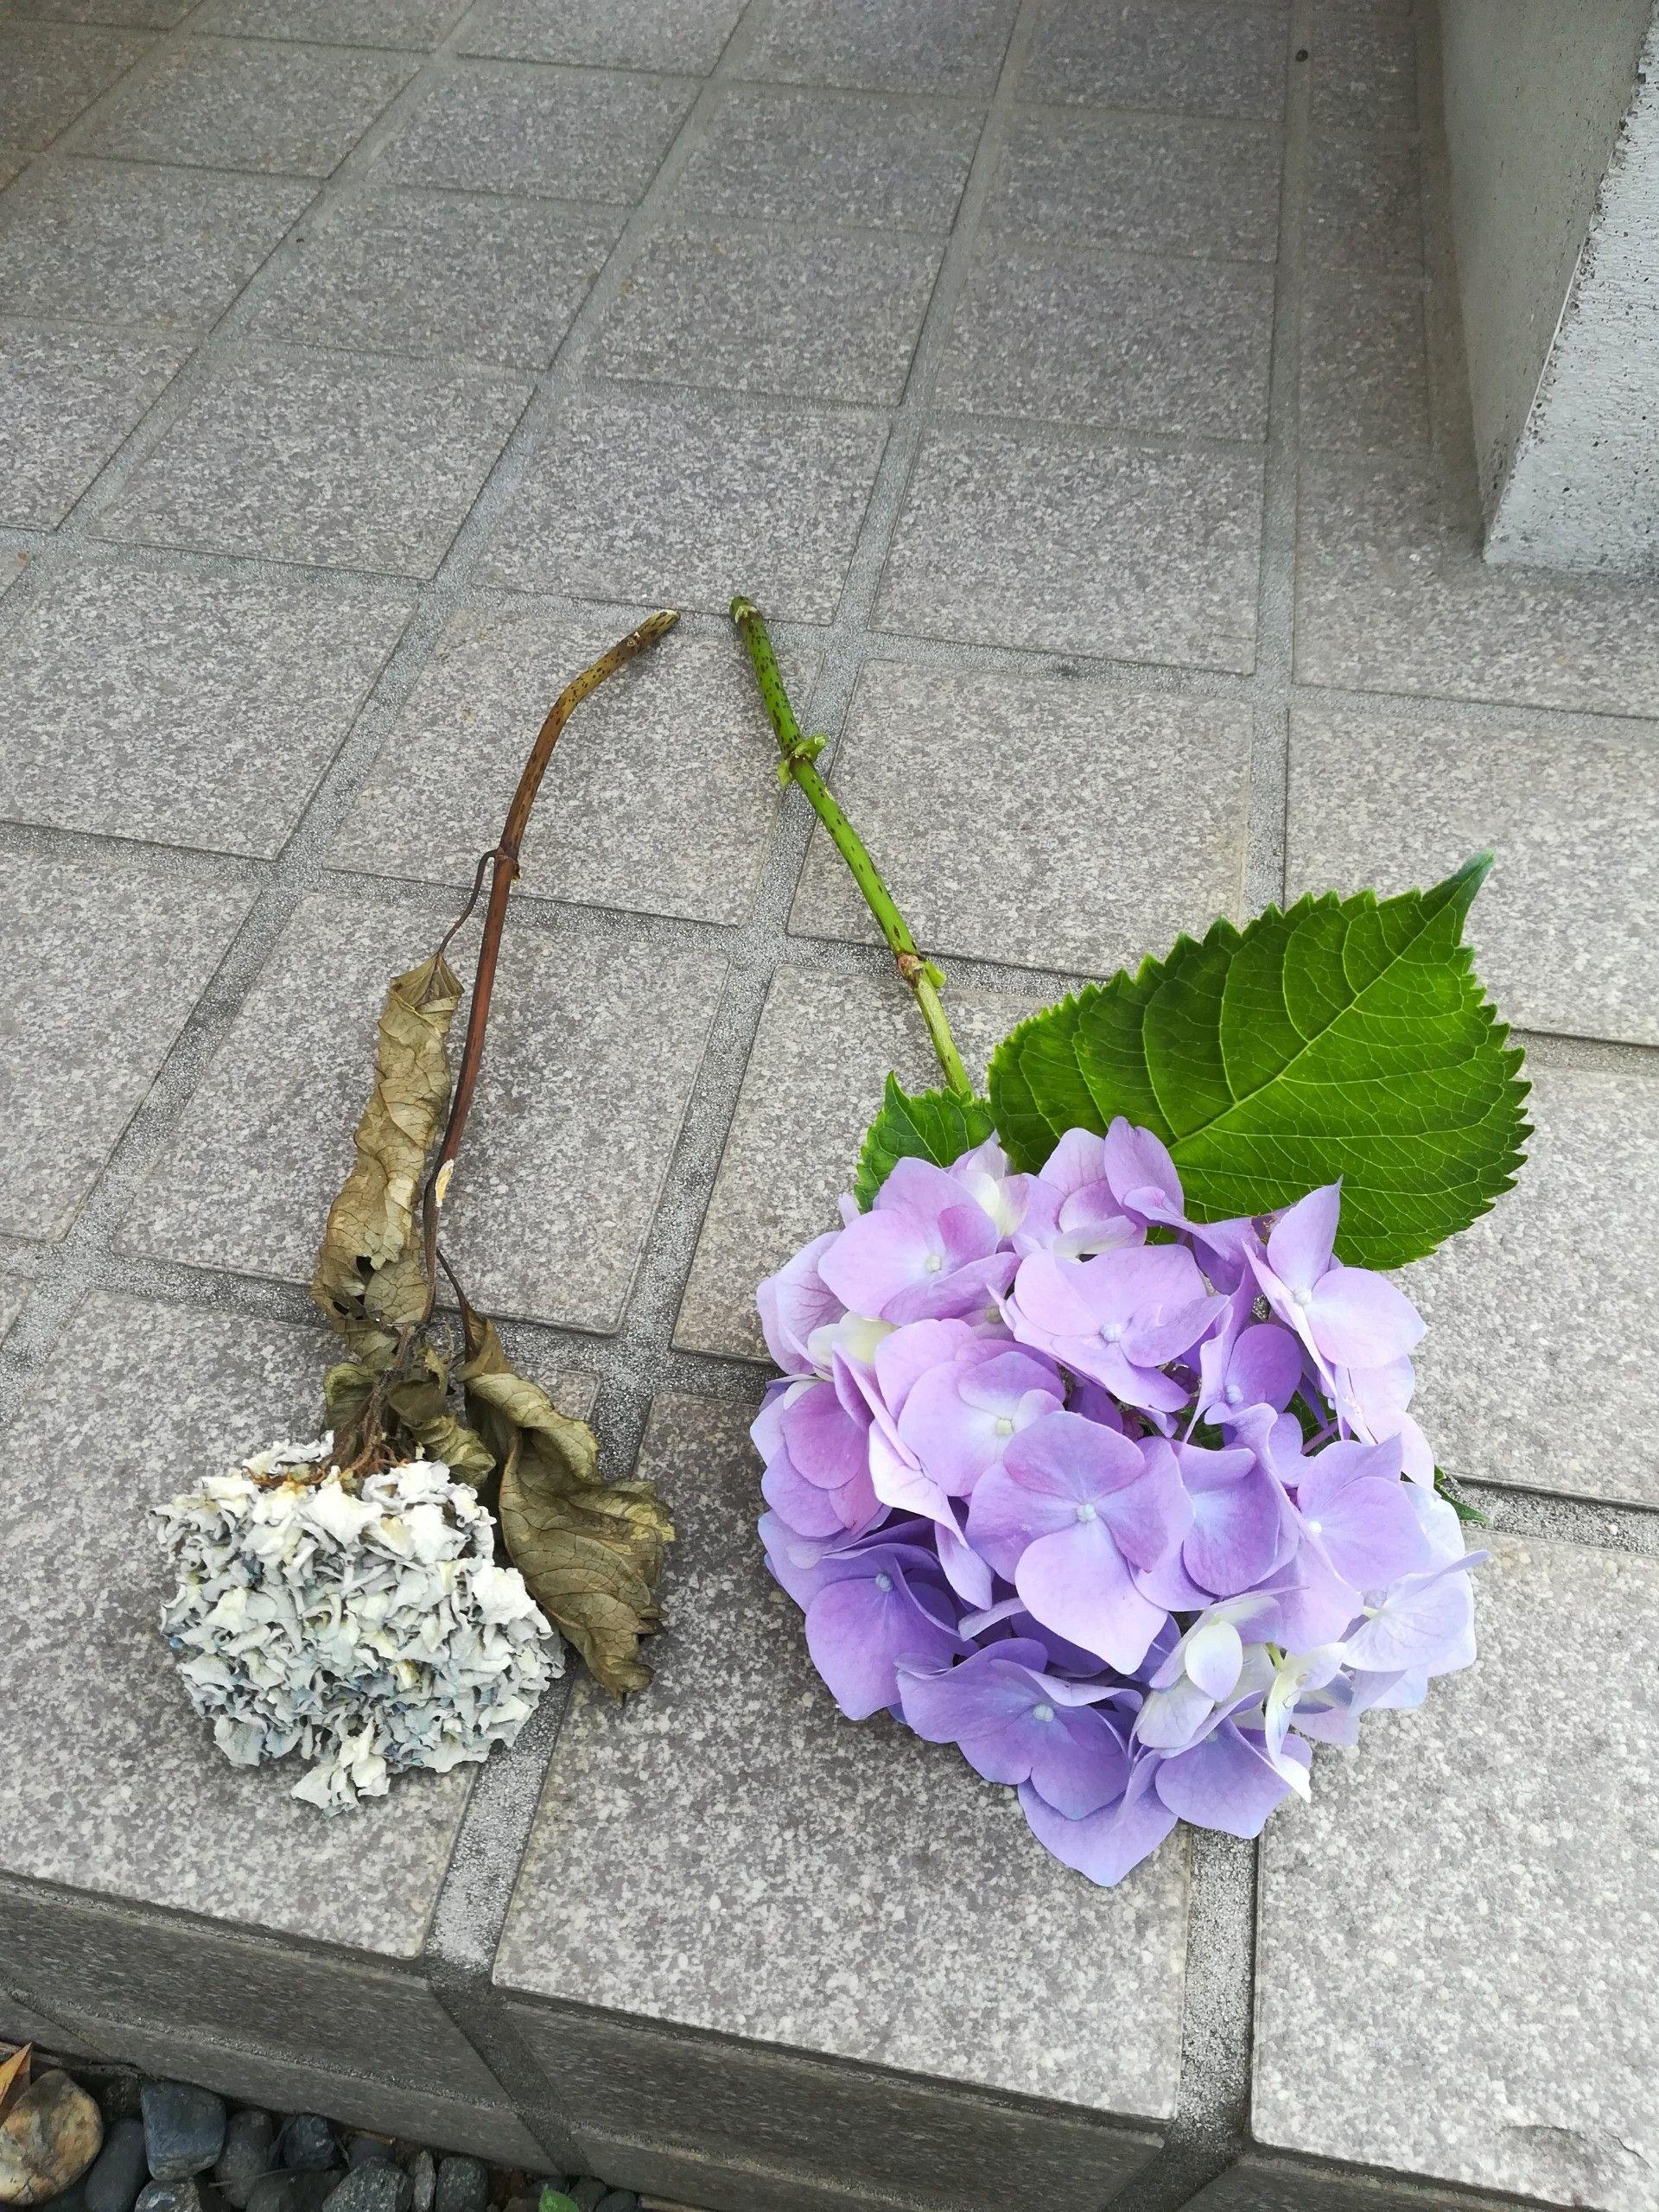 紫陽花 の おまじない